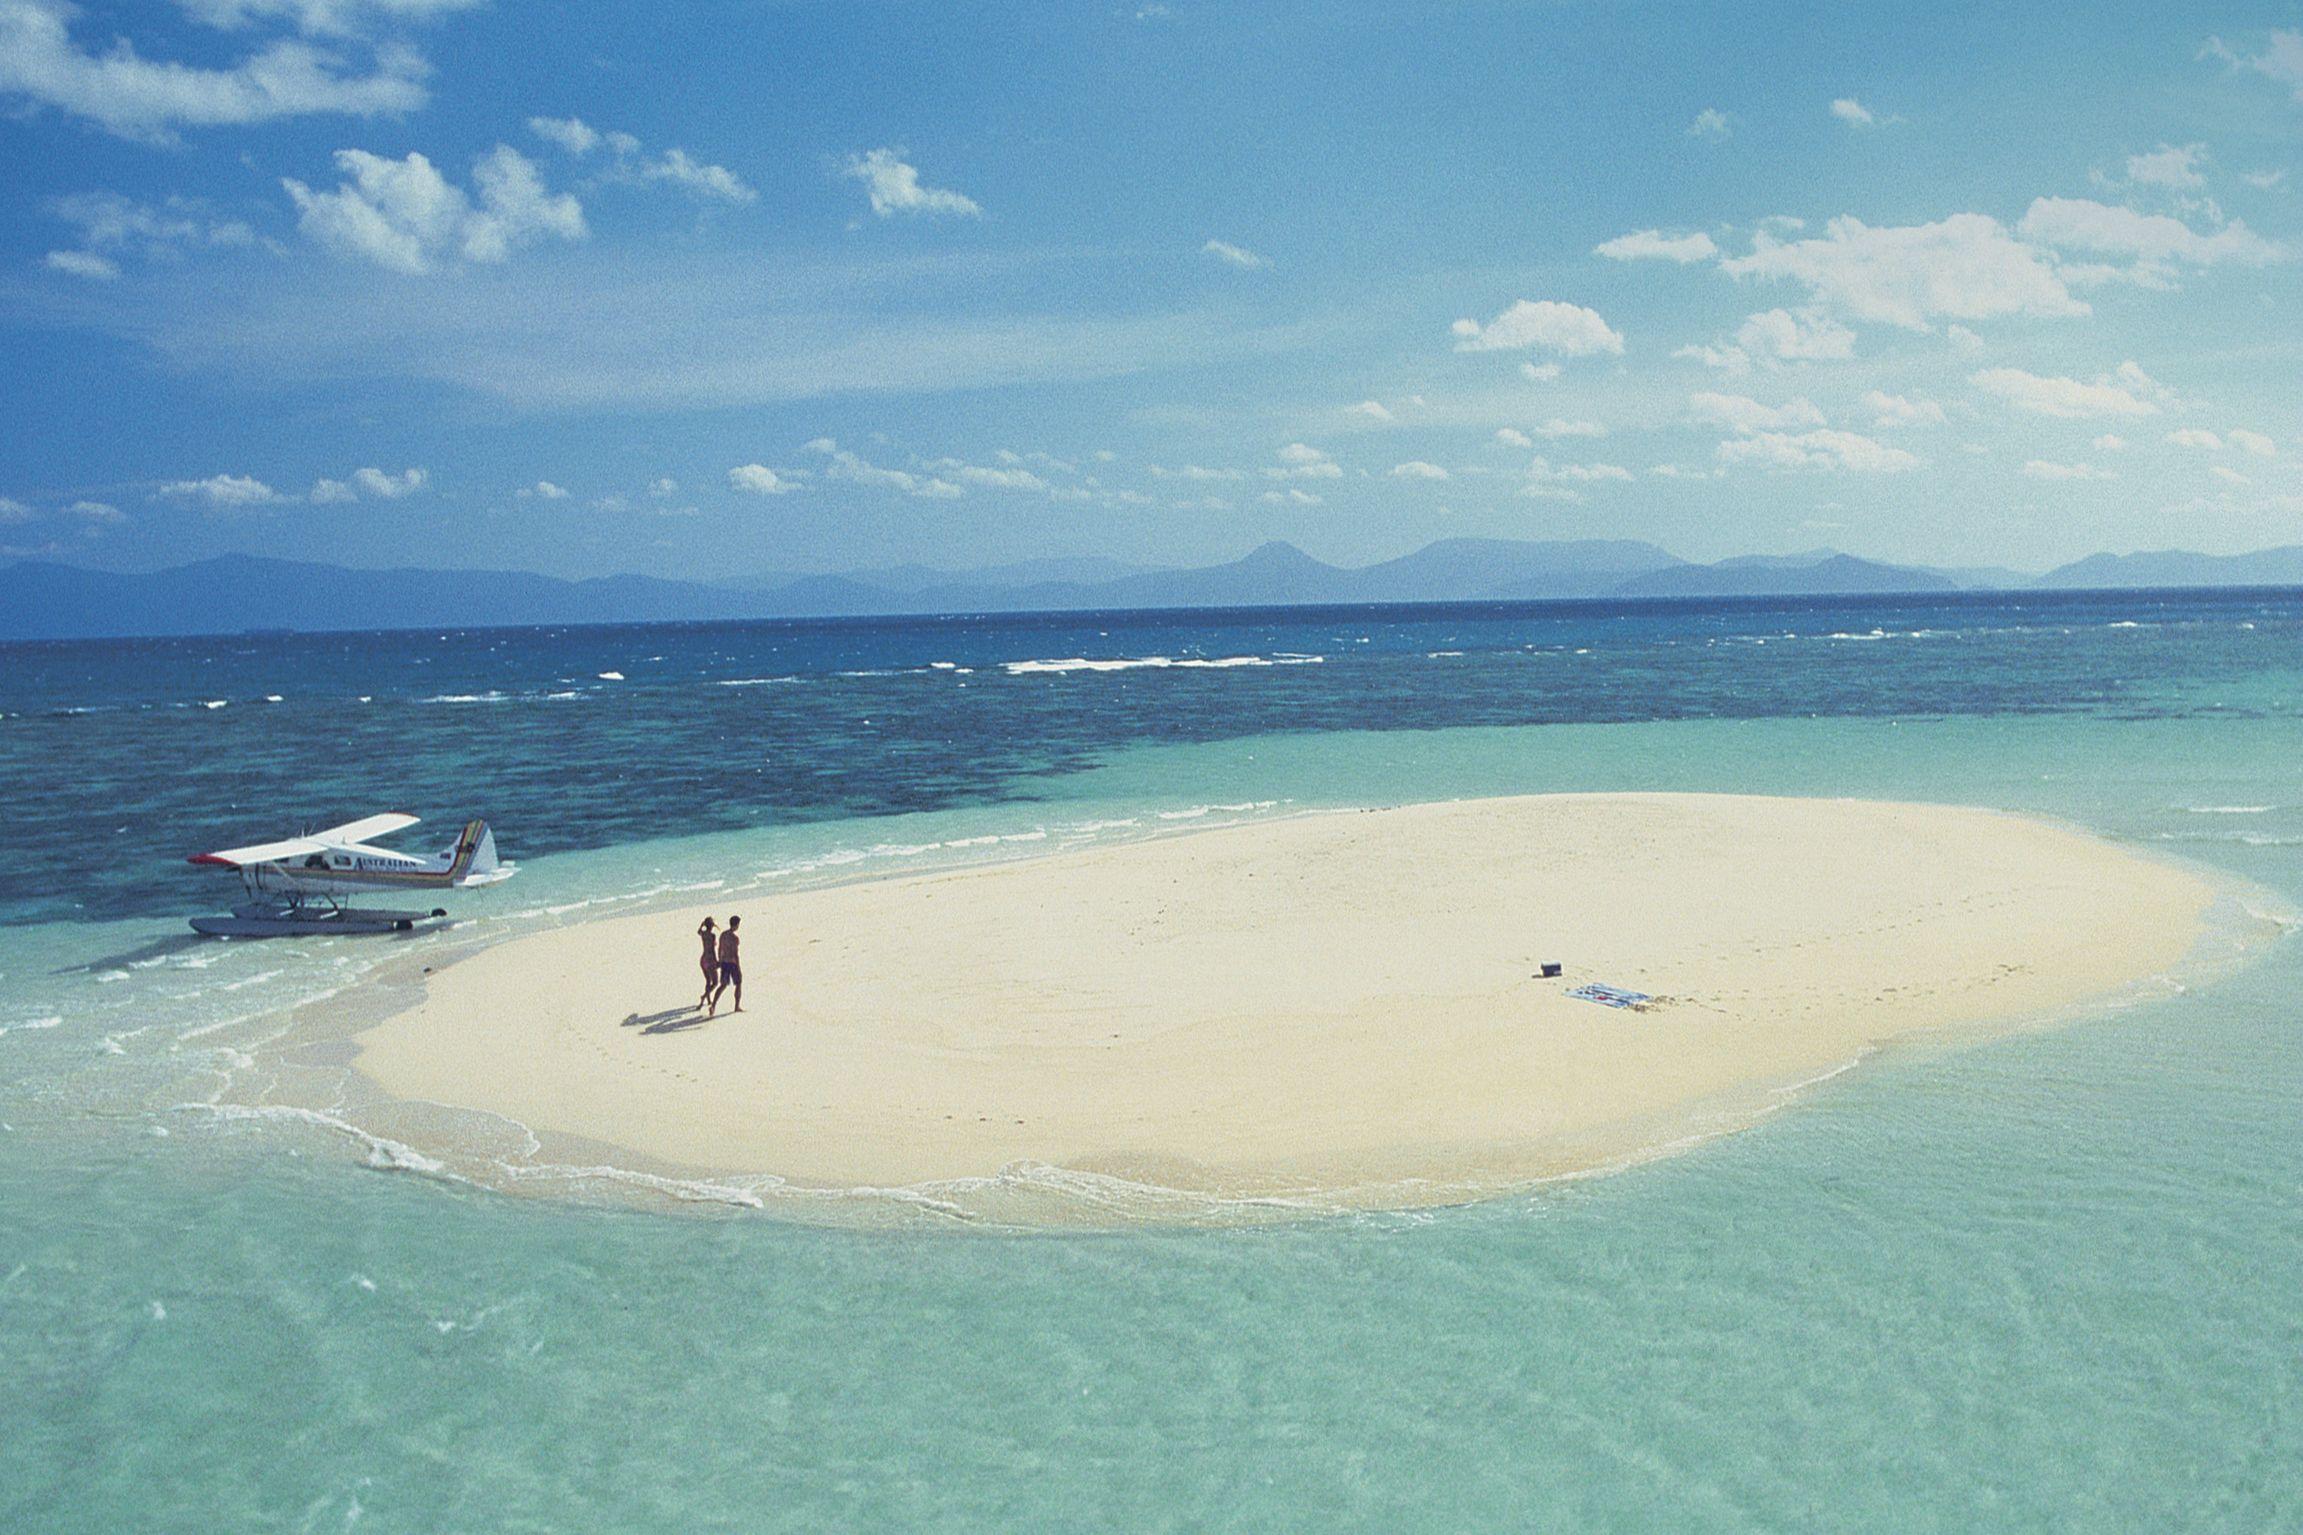 「丹寨一日游线路」夏季旅游好去处,遇见门源最美油菜花海